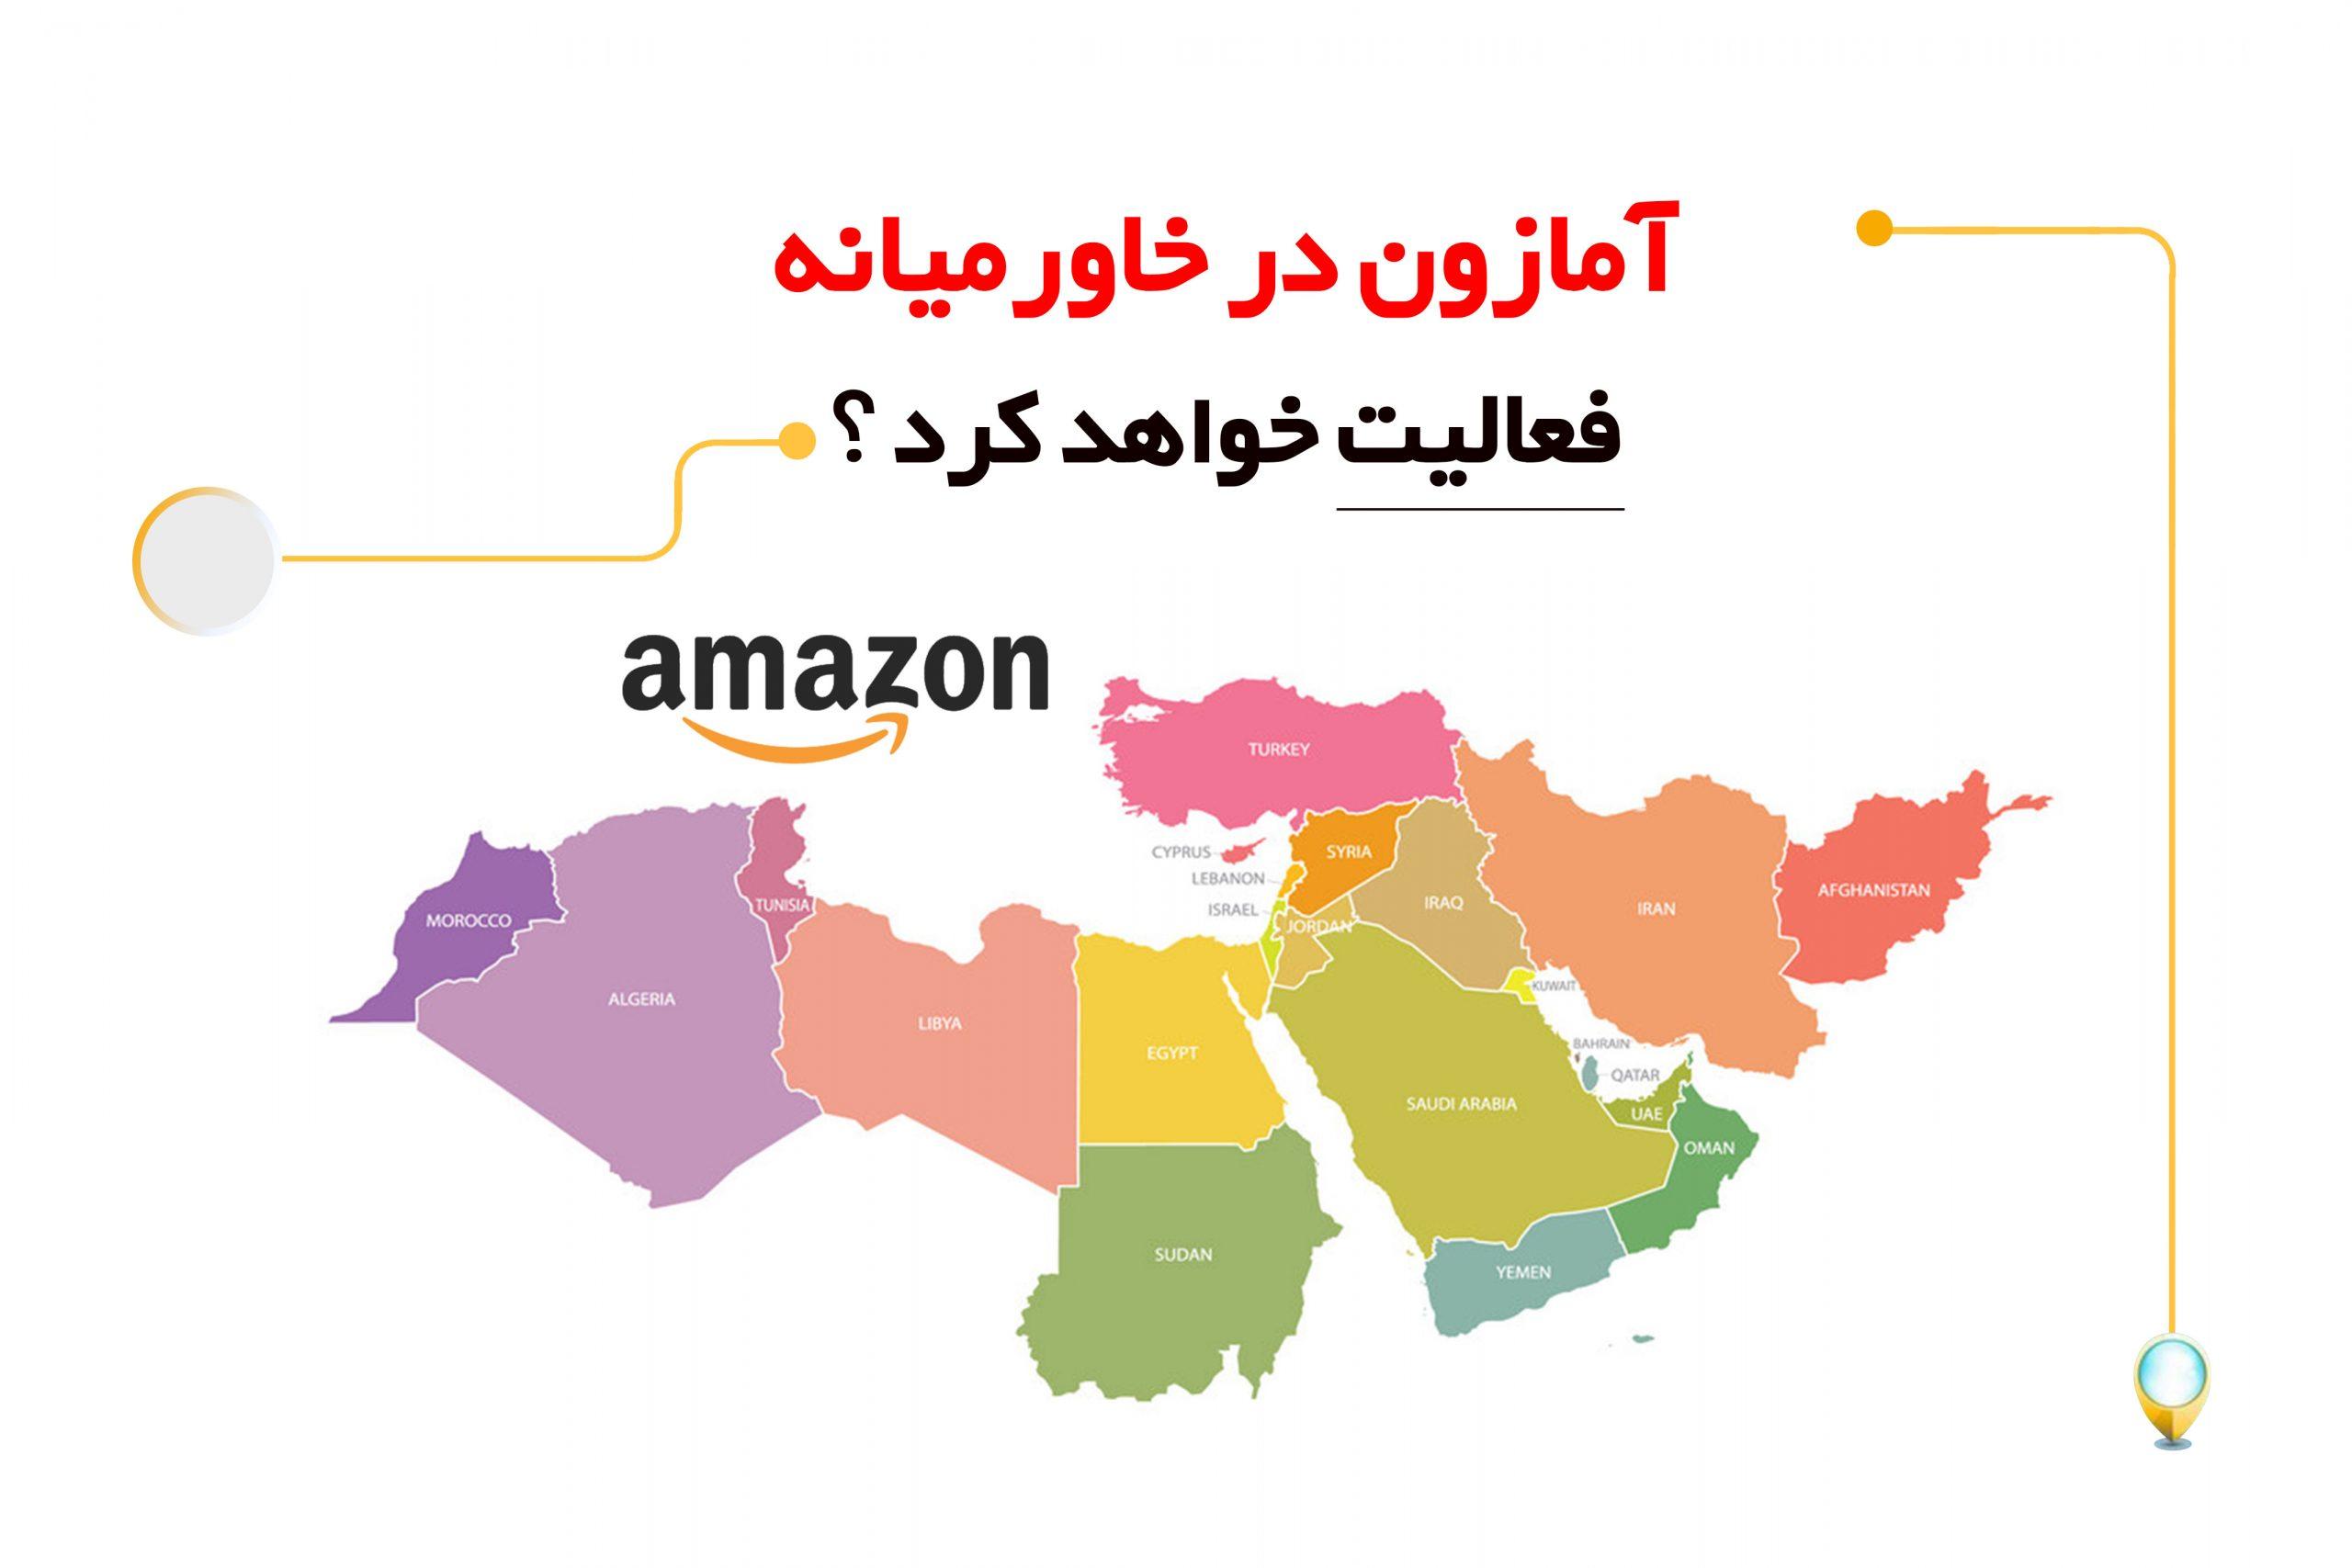 آمازون در خاورمیانه فعالیت خواهد کرد